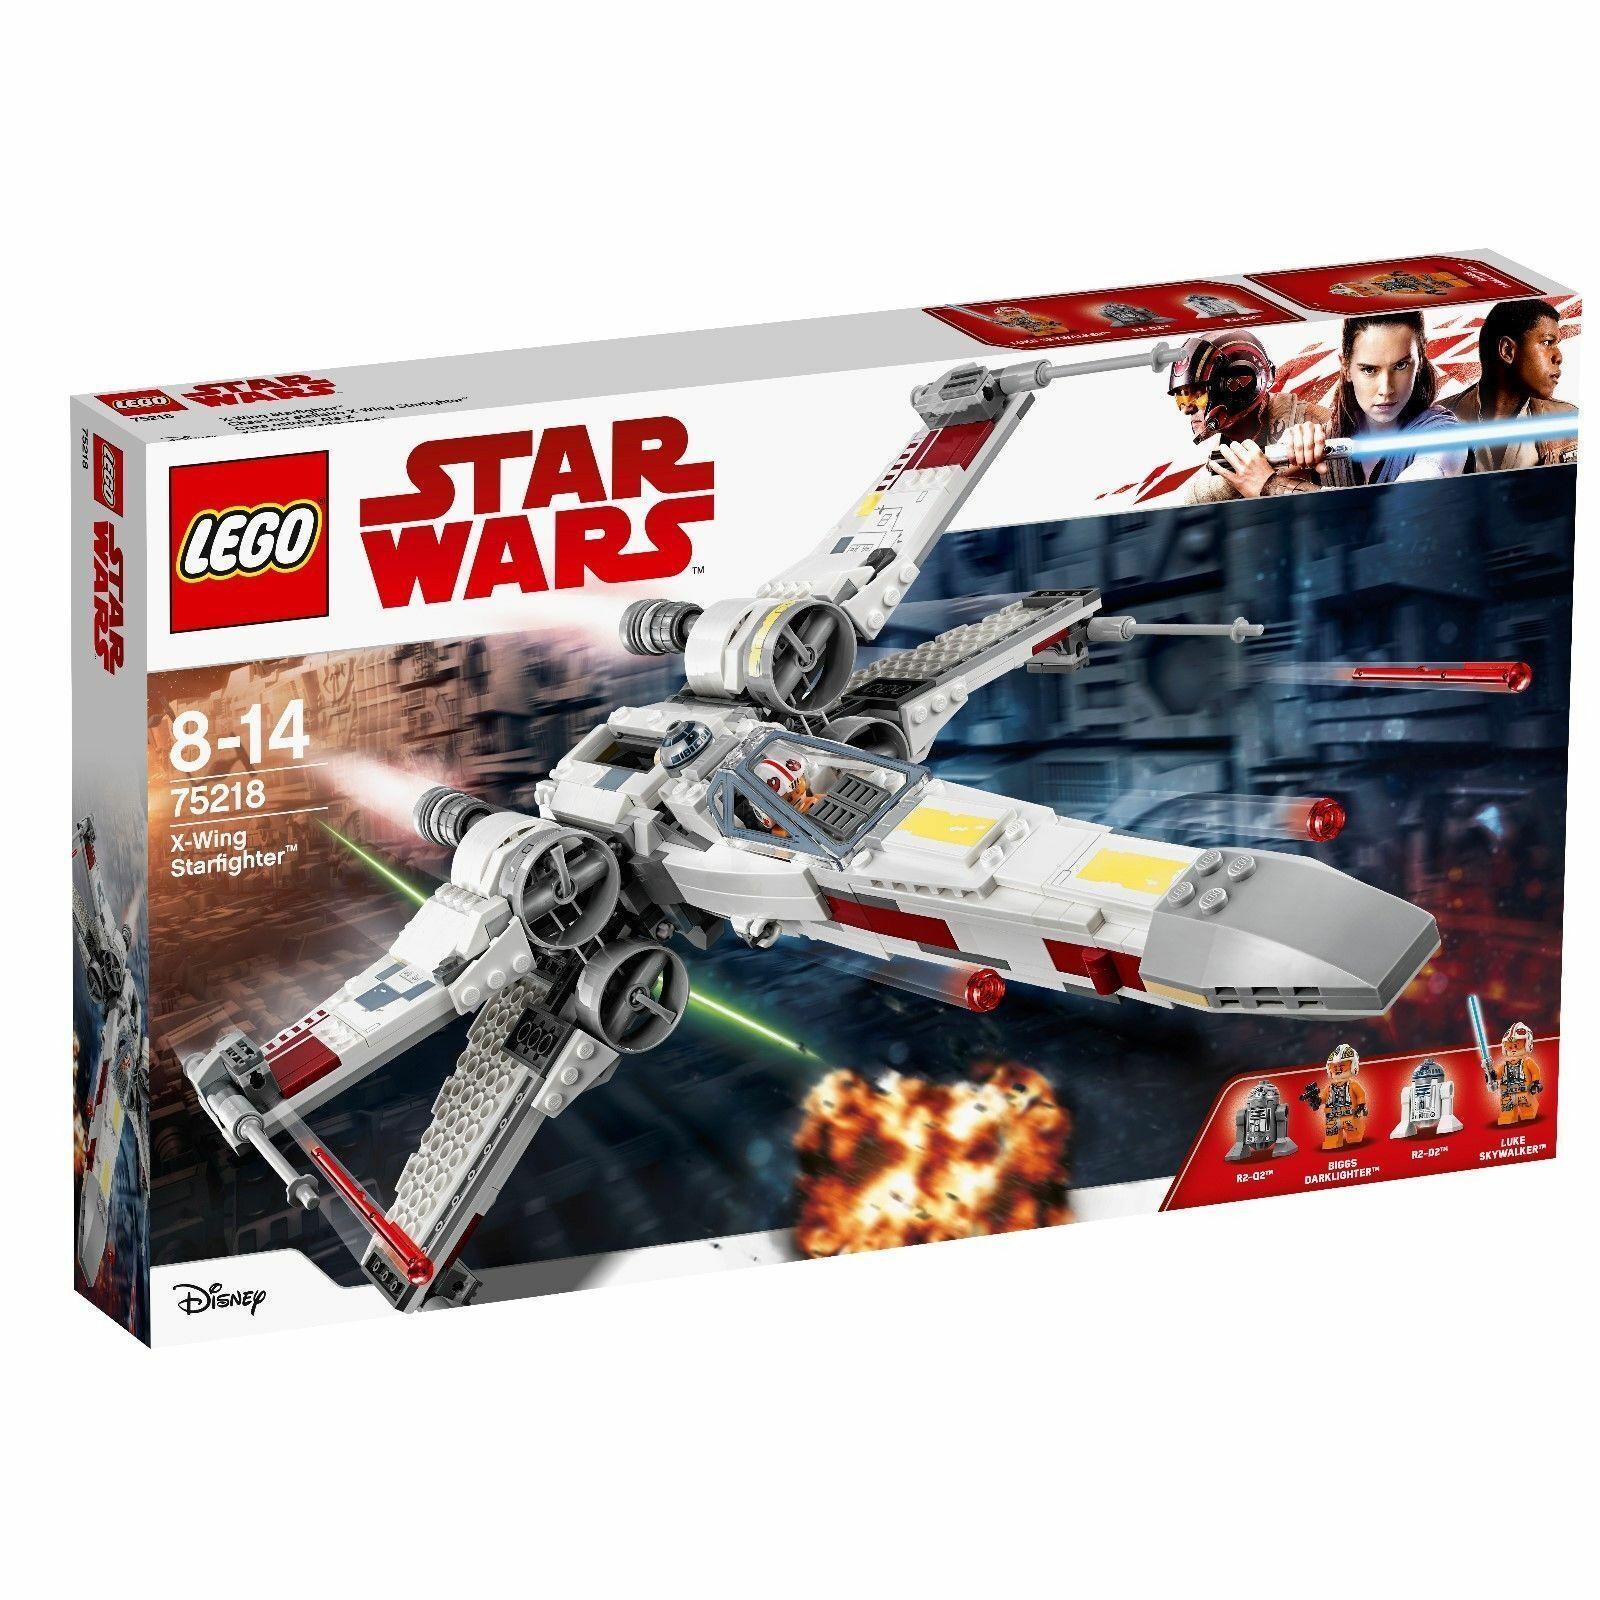 LEGO estrella guerras  75218 X-WING estrellaFIGHTER  NUOVO-nuovo- SIGILLATO  risparmia fino al 50%